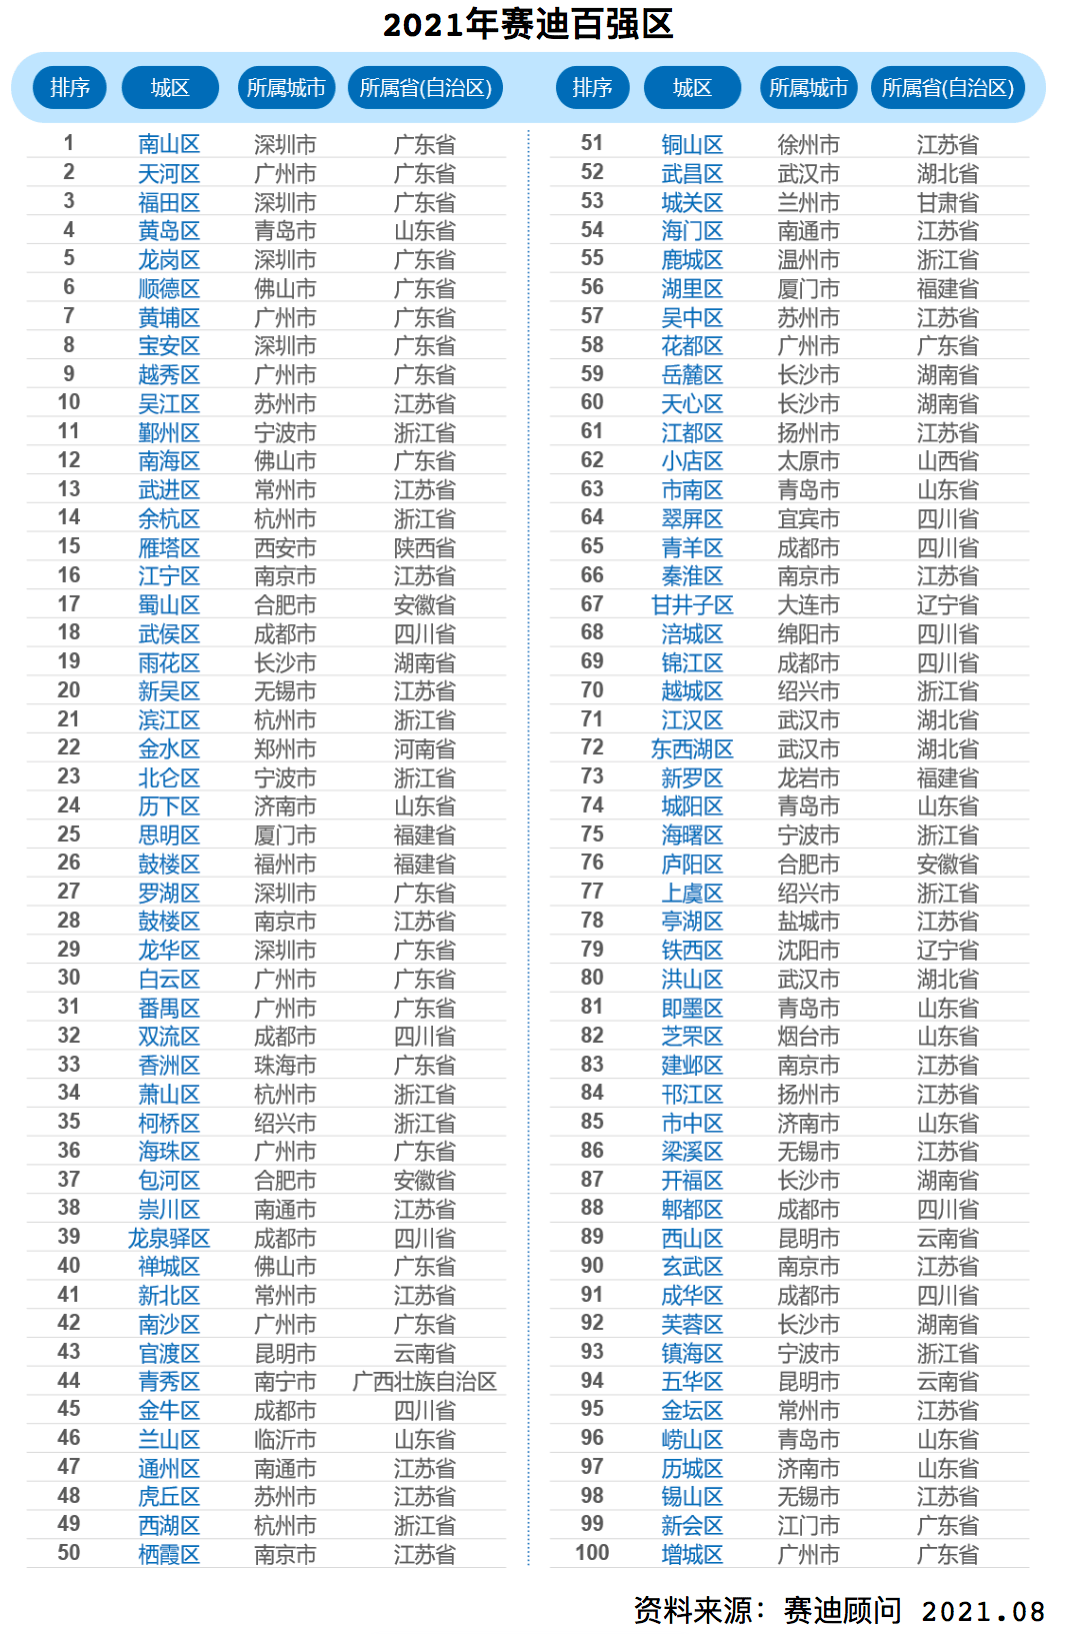 2021中国城市gdp排名_中国各大城市主城区GDP排行:前4名排名不变,武汉第五,重庆少于...